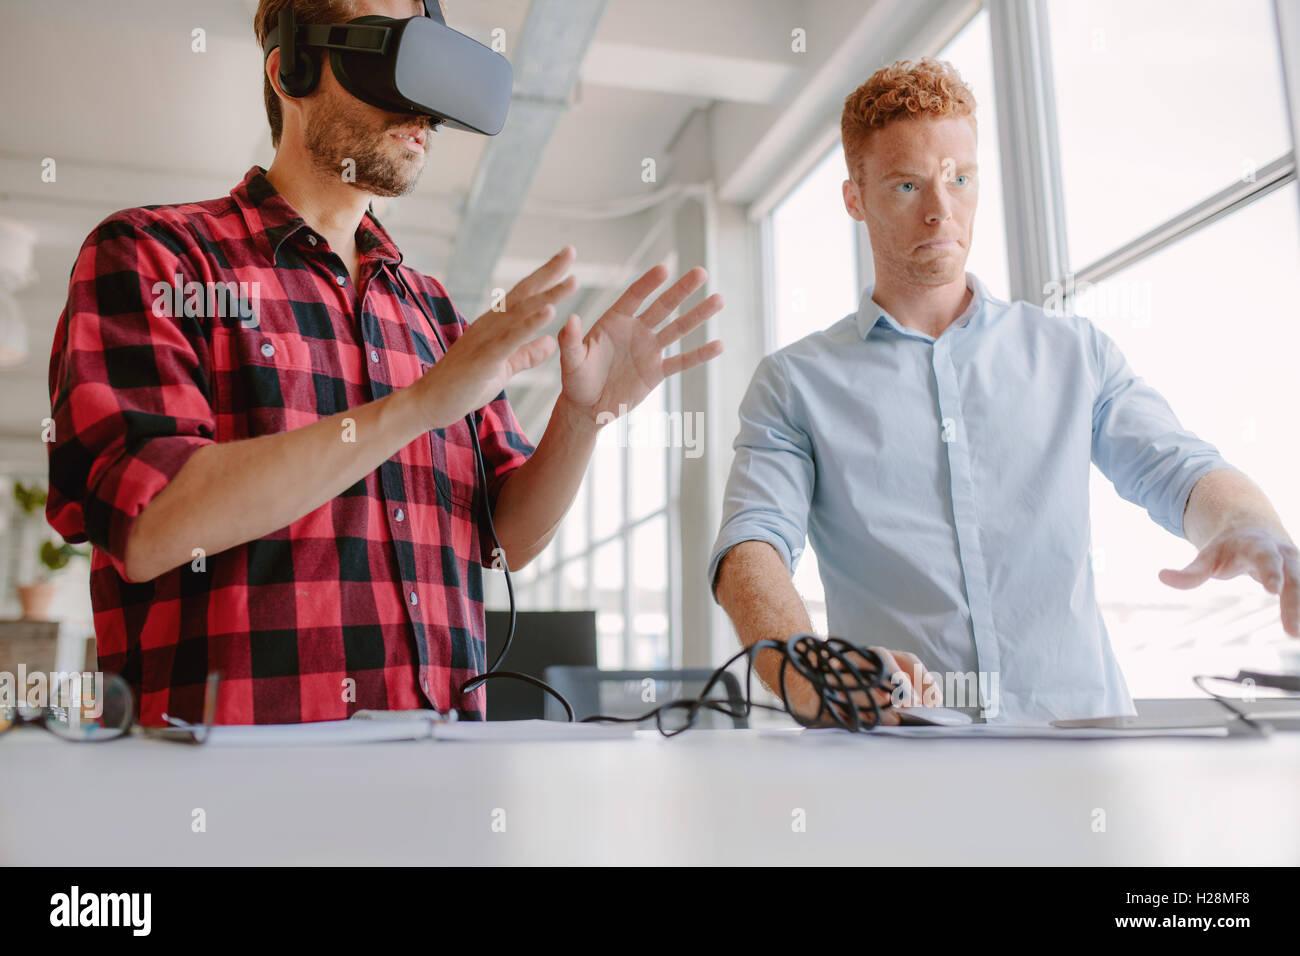 Les développeurs à l'essai un dispositif de réalité augmentée avec une vaste gamme Photo Stock